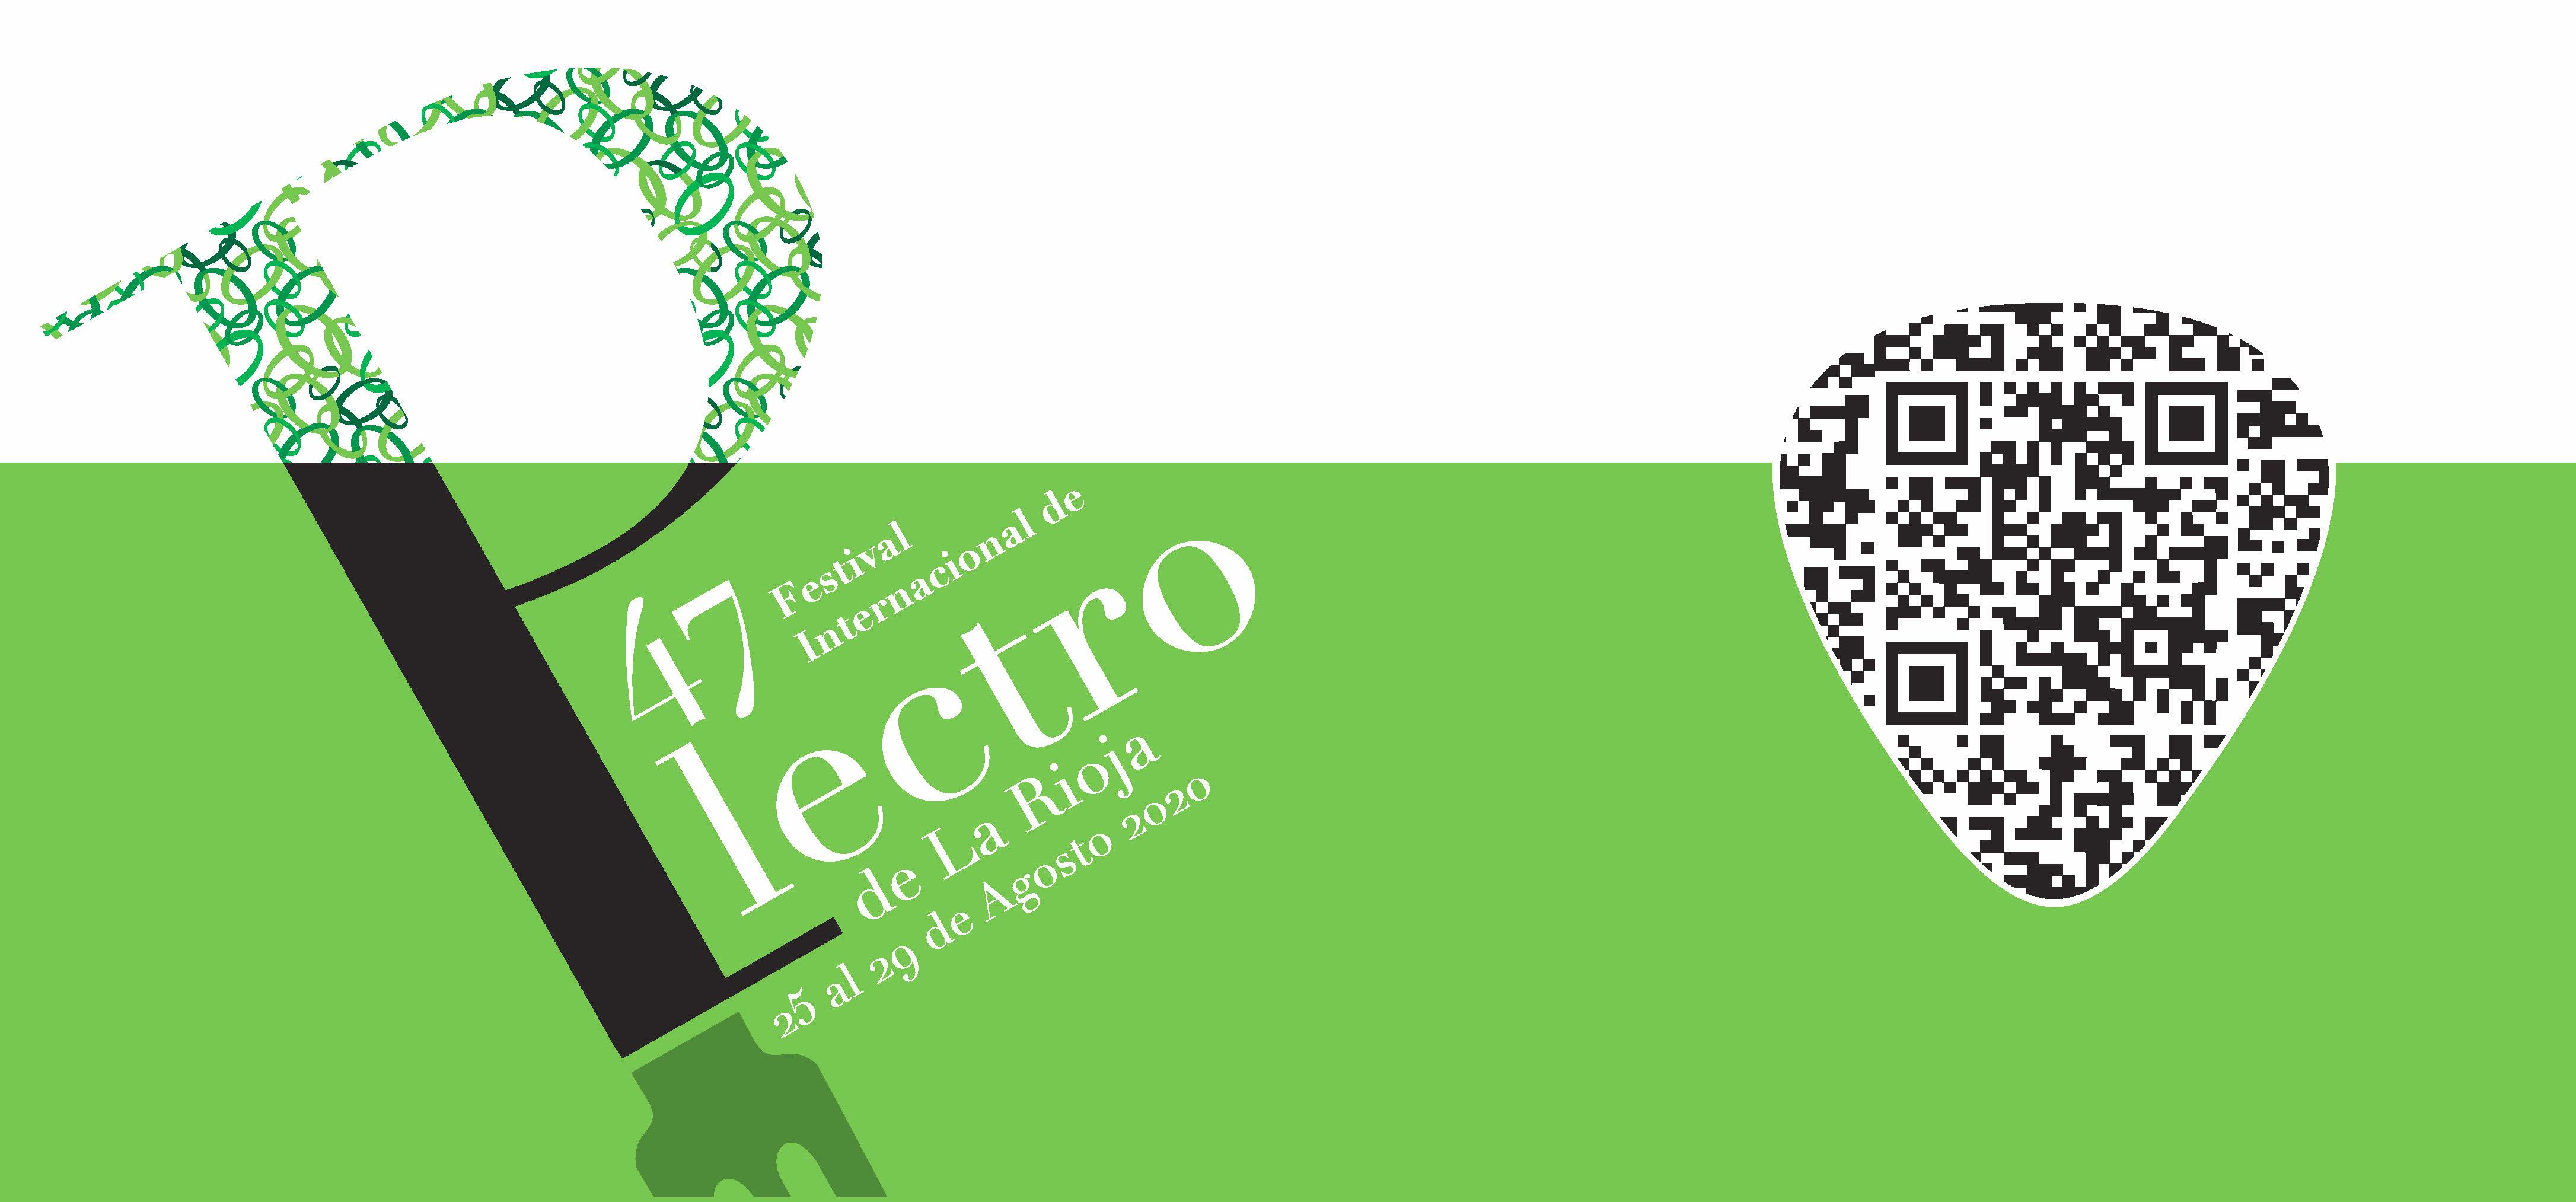 47 Festival Internacional de Plectro de La Rioja 2020